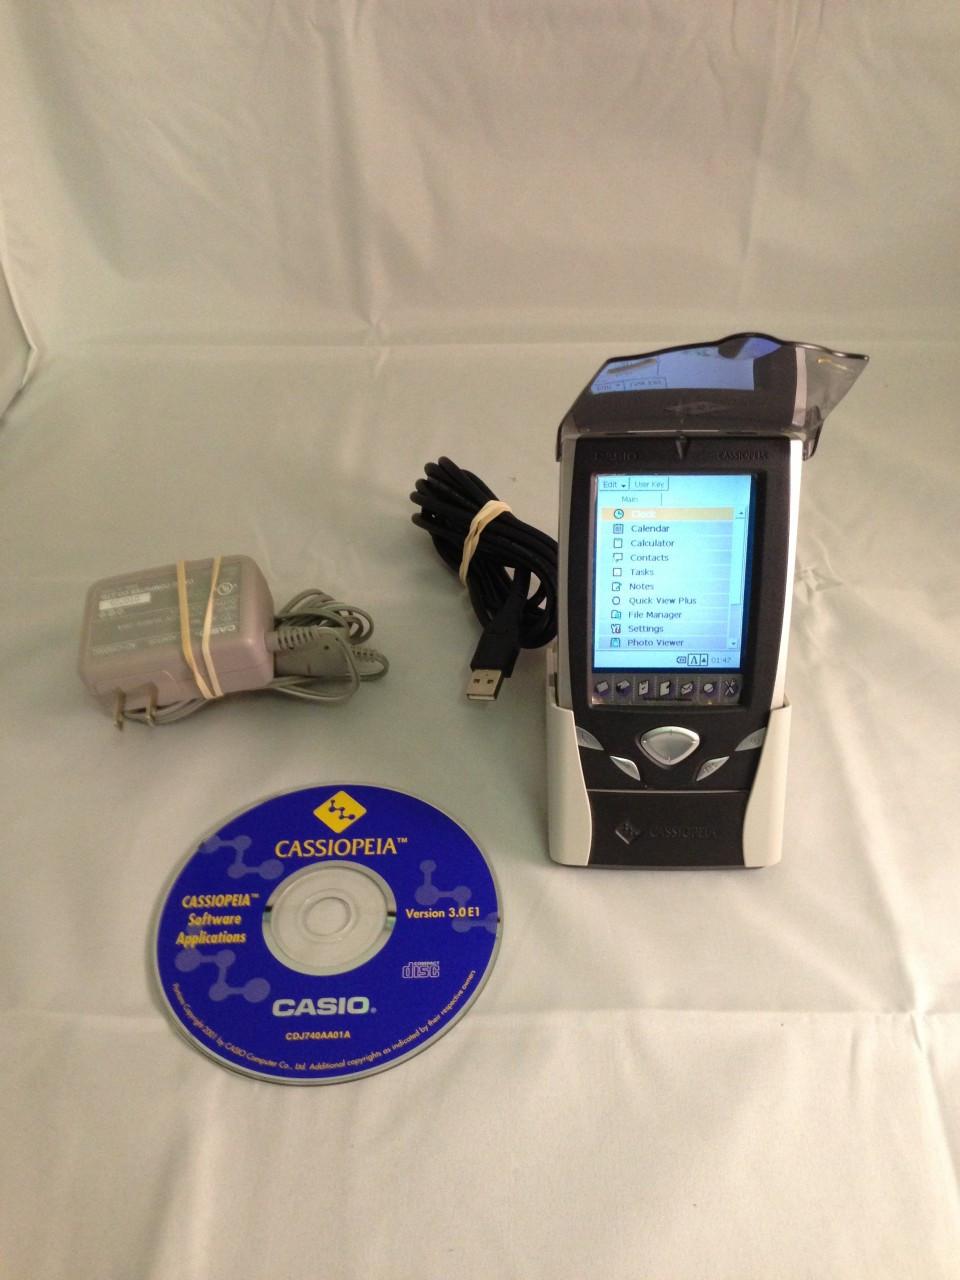 CASIO USB Sync 2002 Driver for Mac